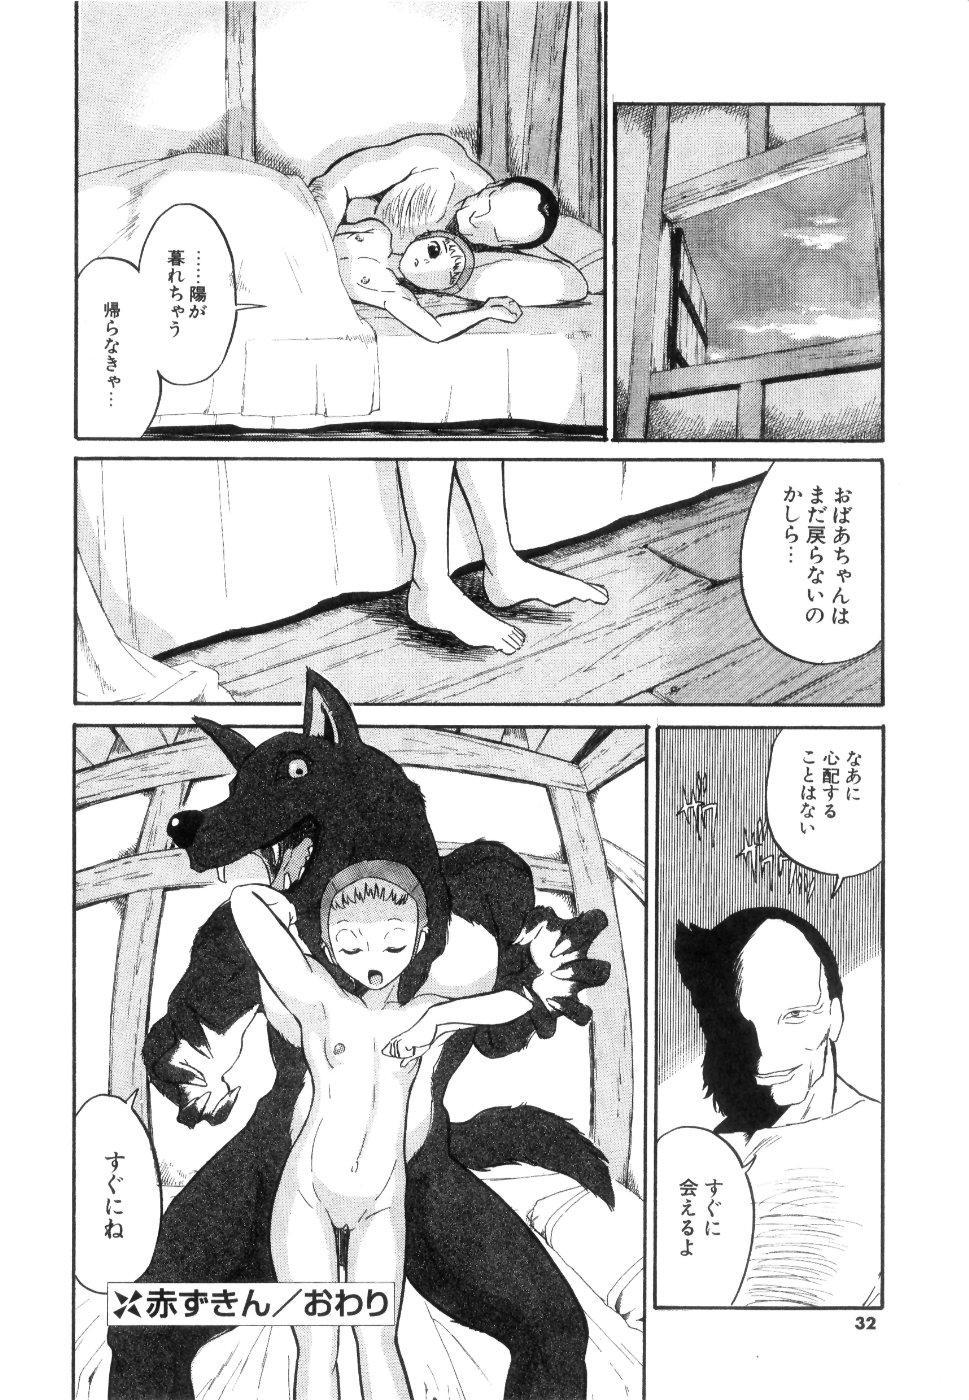 [Dozamura] Doguu -Dozamura Guuwa- Kuro 32